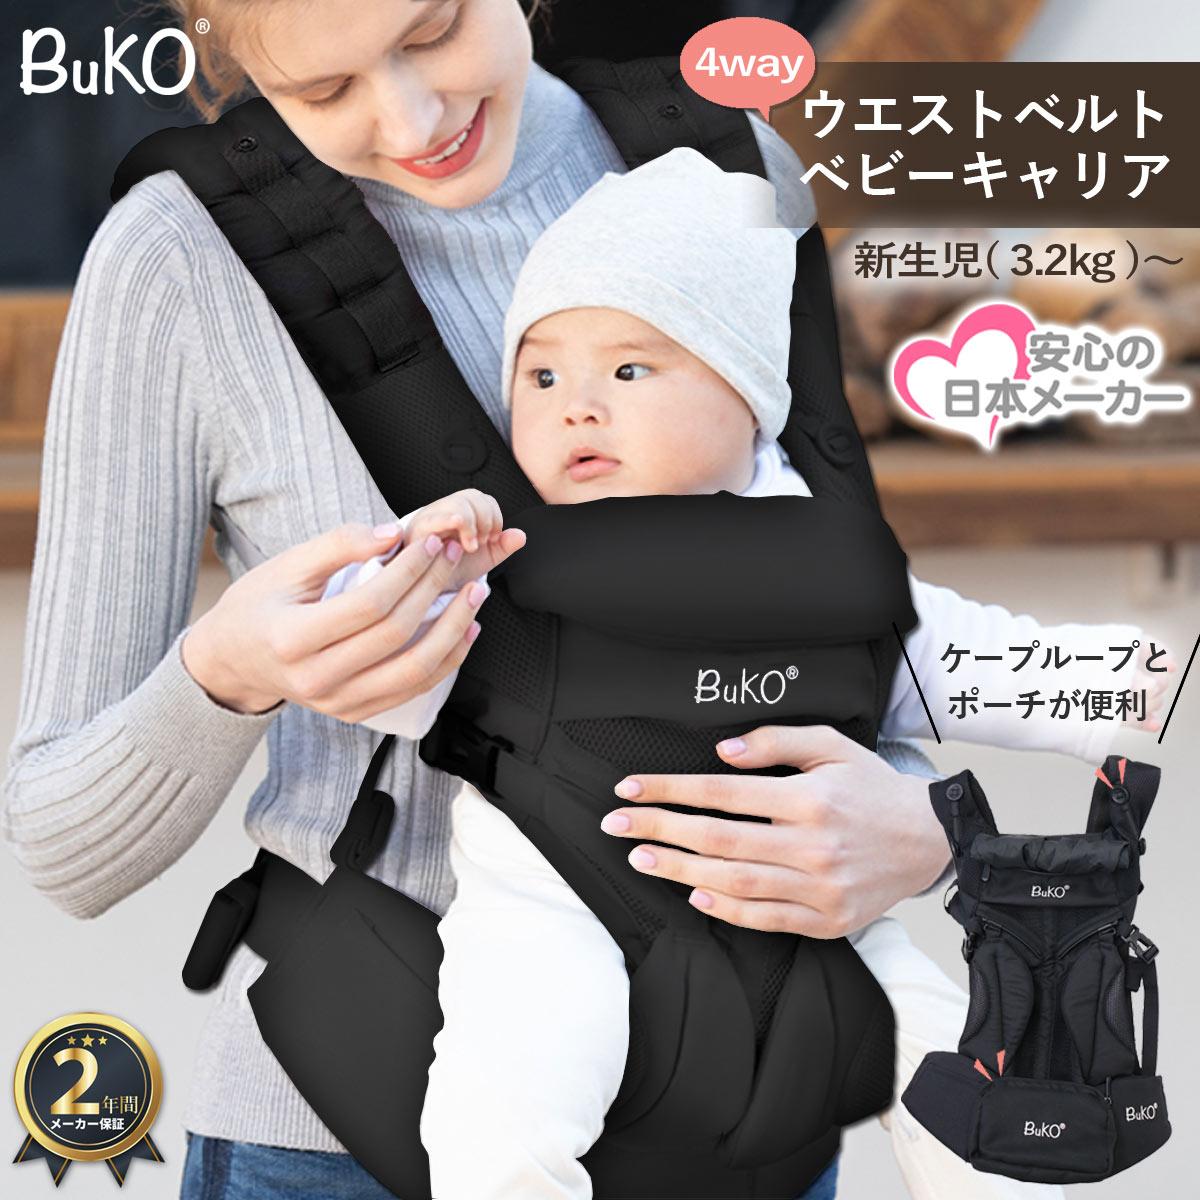 抱っこひも ケープループ 往復送料無料 ポーチ 4Way 新生児3.2kg~20kgまでOK 直営限定アウトレット 前向き抱っこ クッション メーカー保証2年 メッシュ 抱っこ紐 ベビーキャリア 新生児 BuKO スリング ウエストベルト